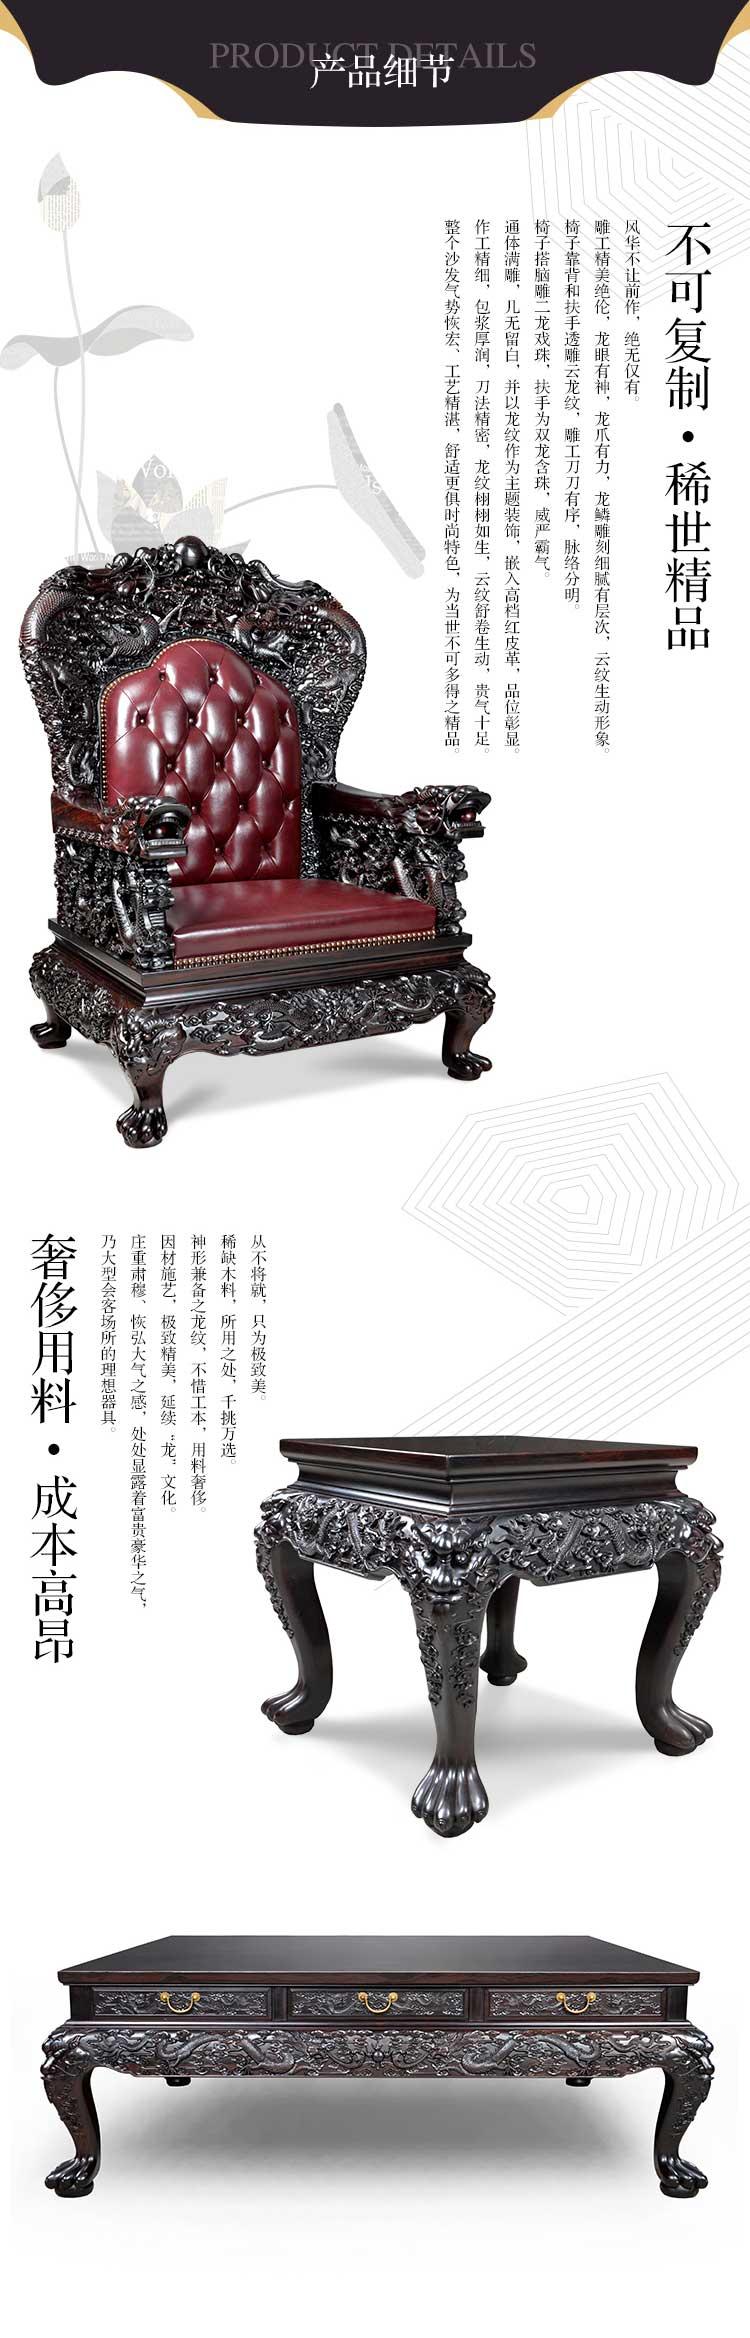 雕龙沙发-2.jpg